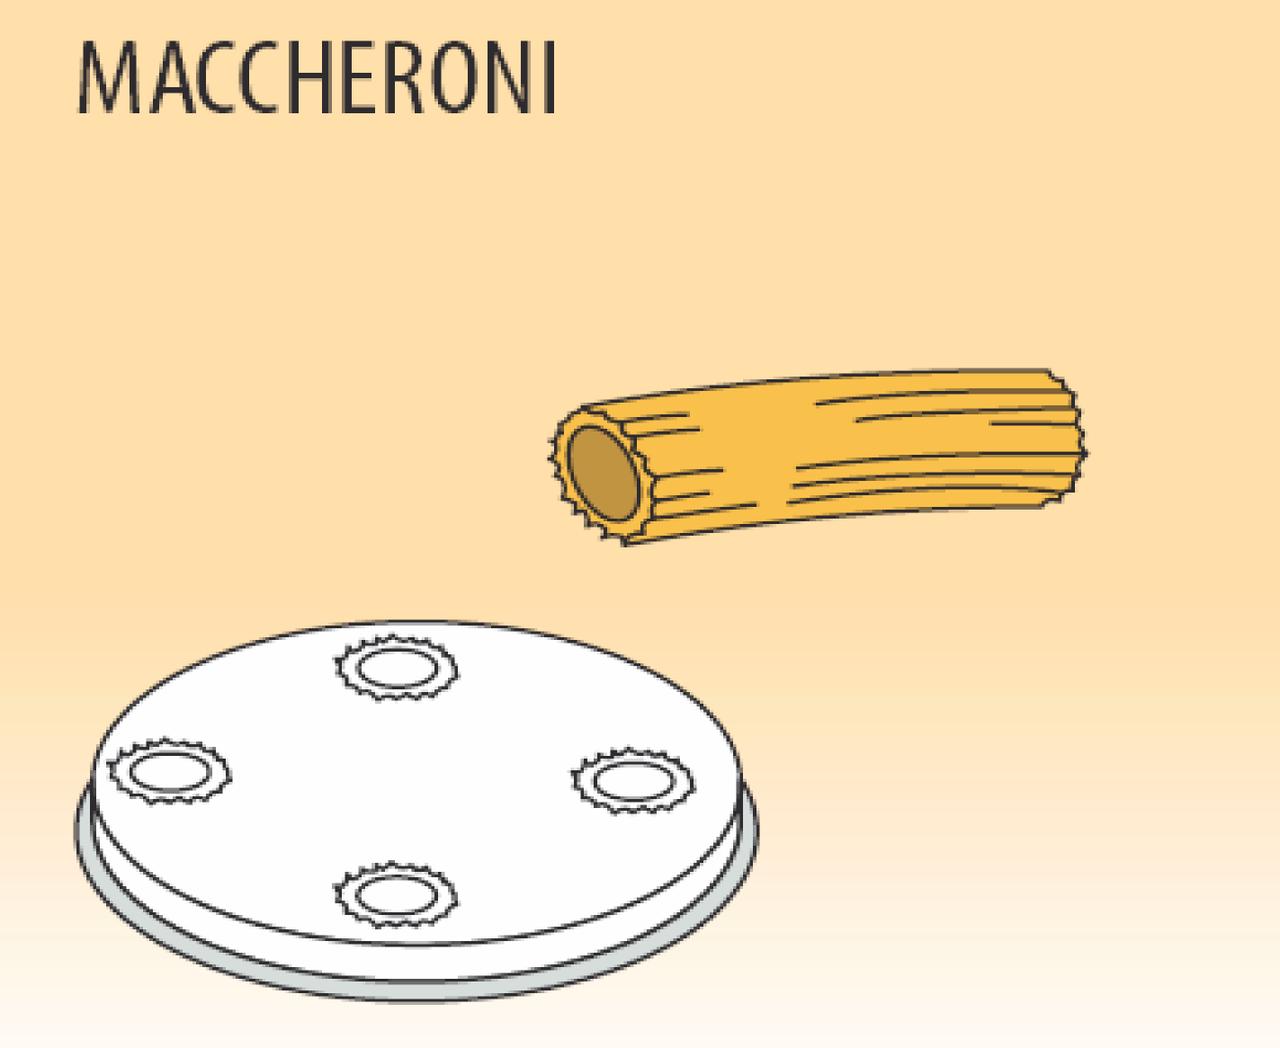 Фильера Fimar MPF 1,5 MACCHERONI, паста Ø 8,5 мм